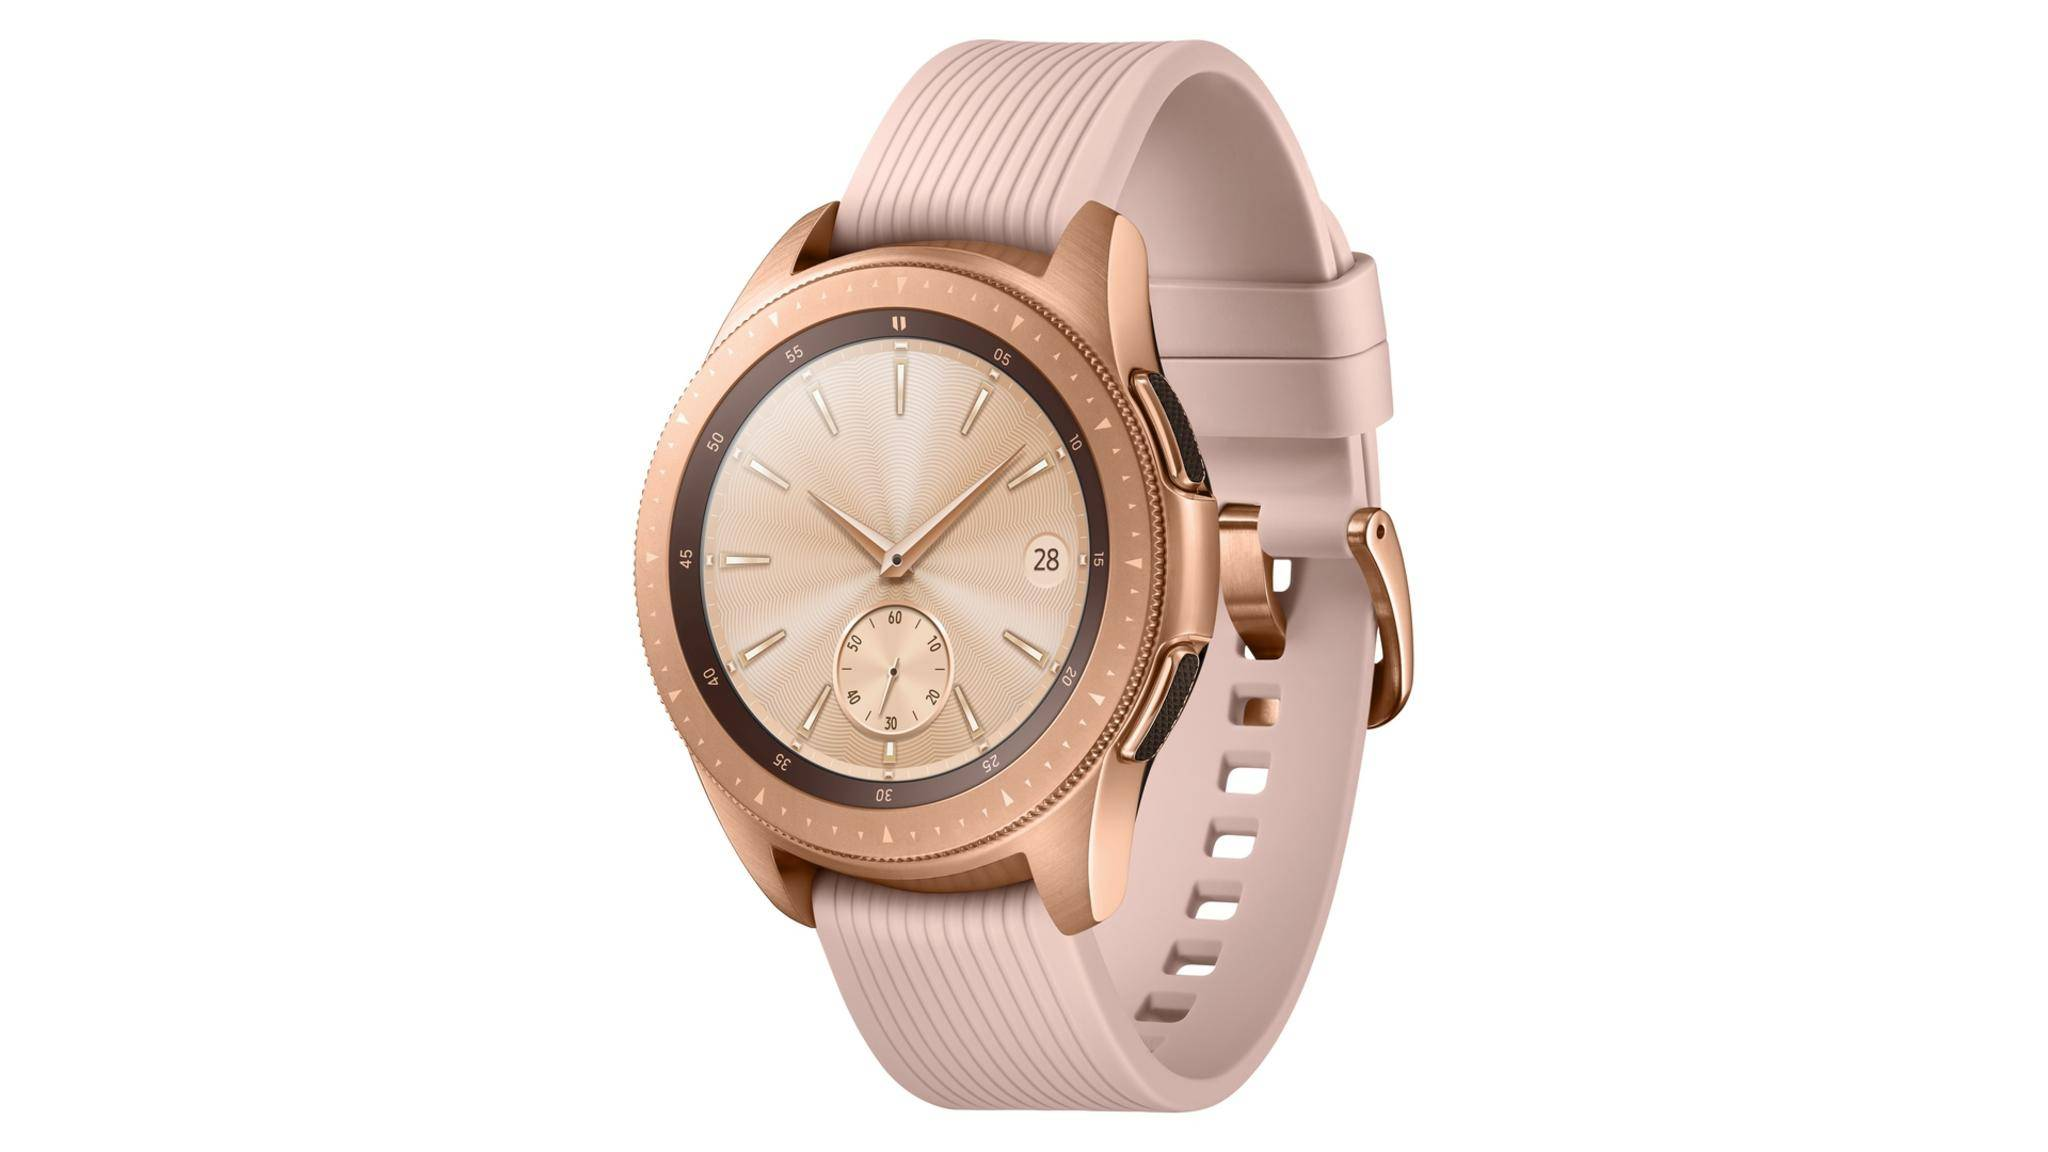 Die Samsung Galaxy Watch wird auch in Rose Gold erhältlich sein.